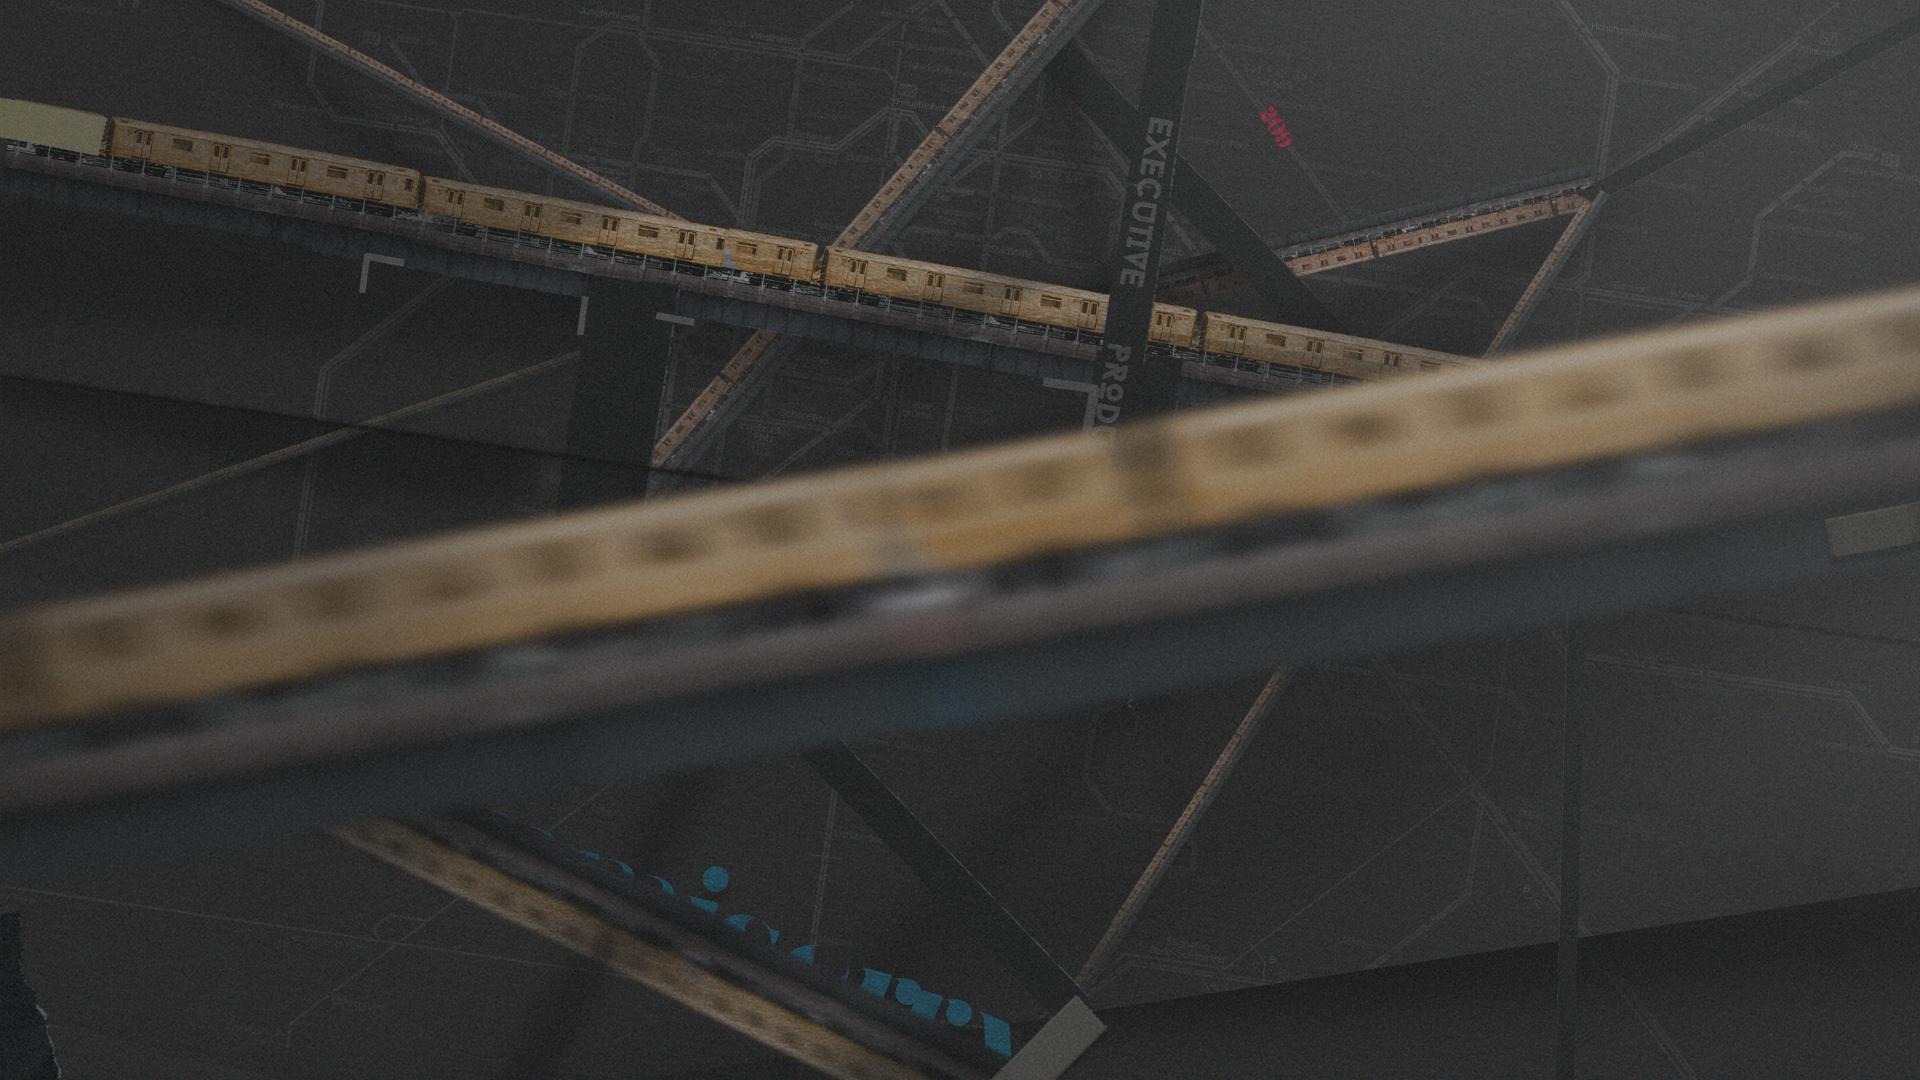 05-BERLINSTATION-TRAIN-01-2.jpg